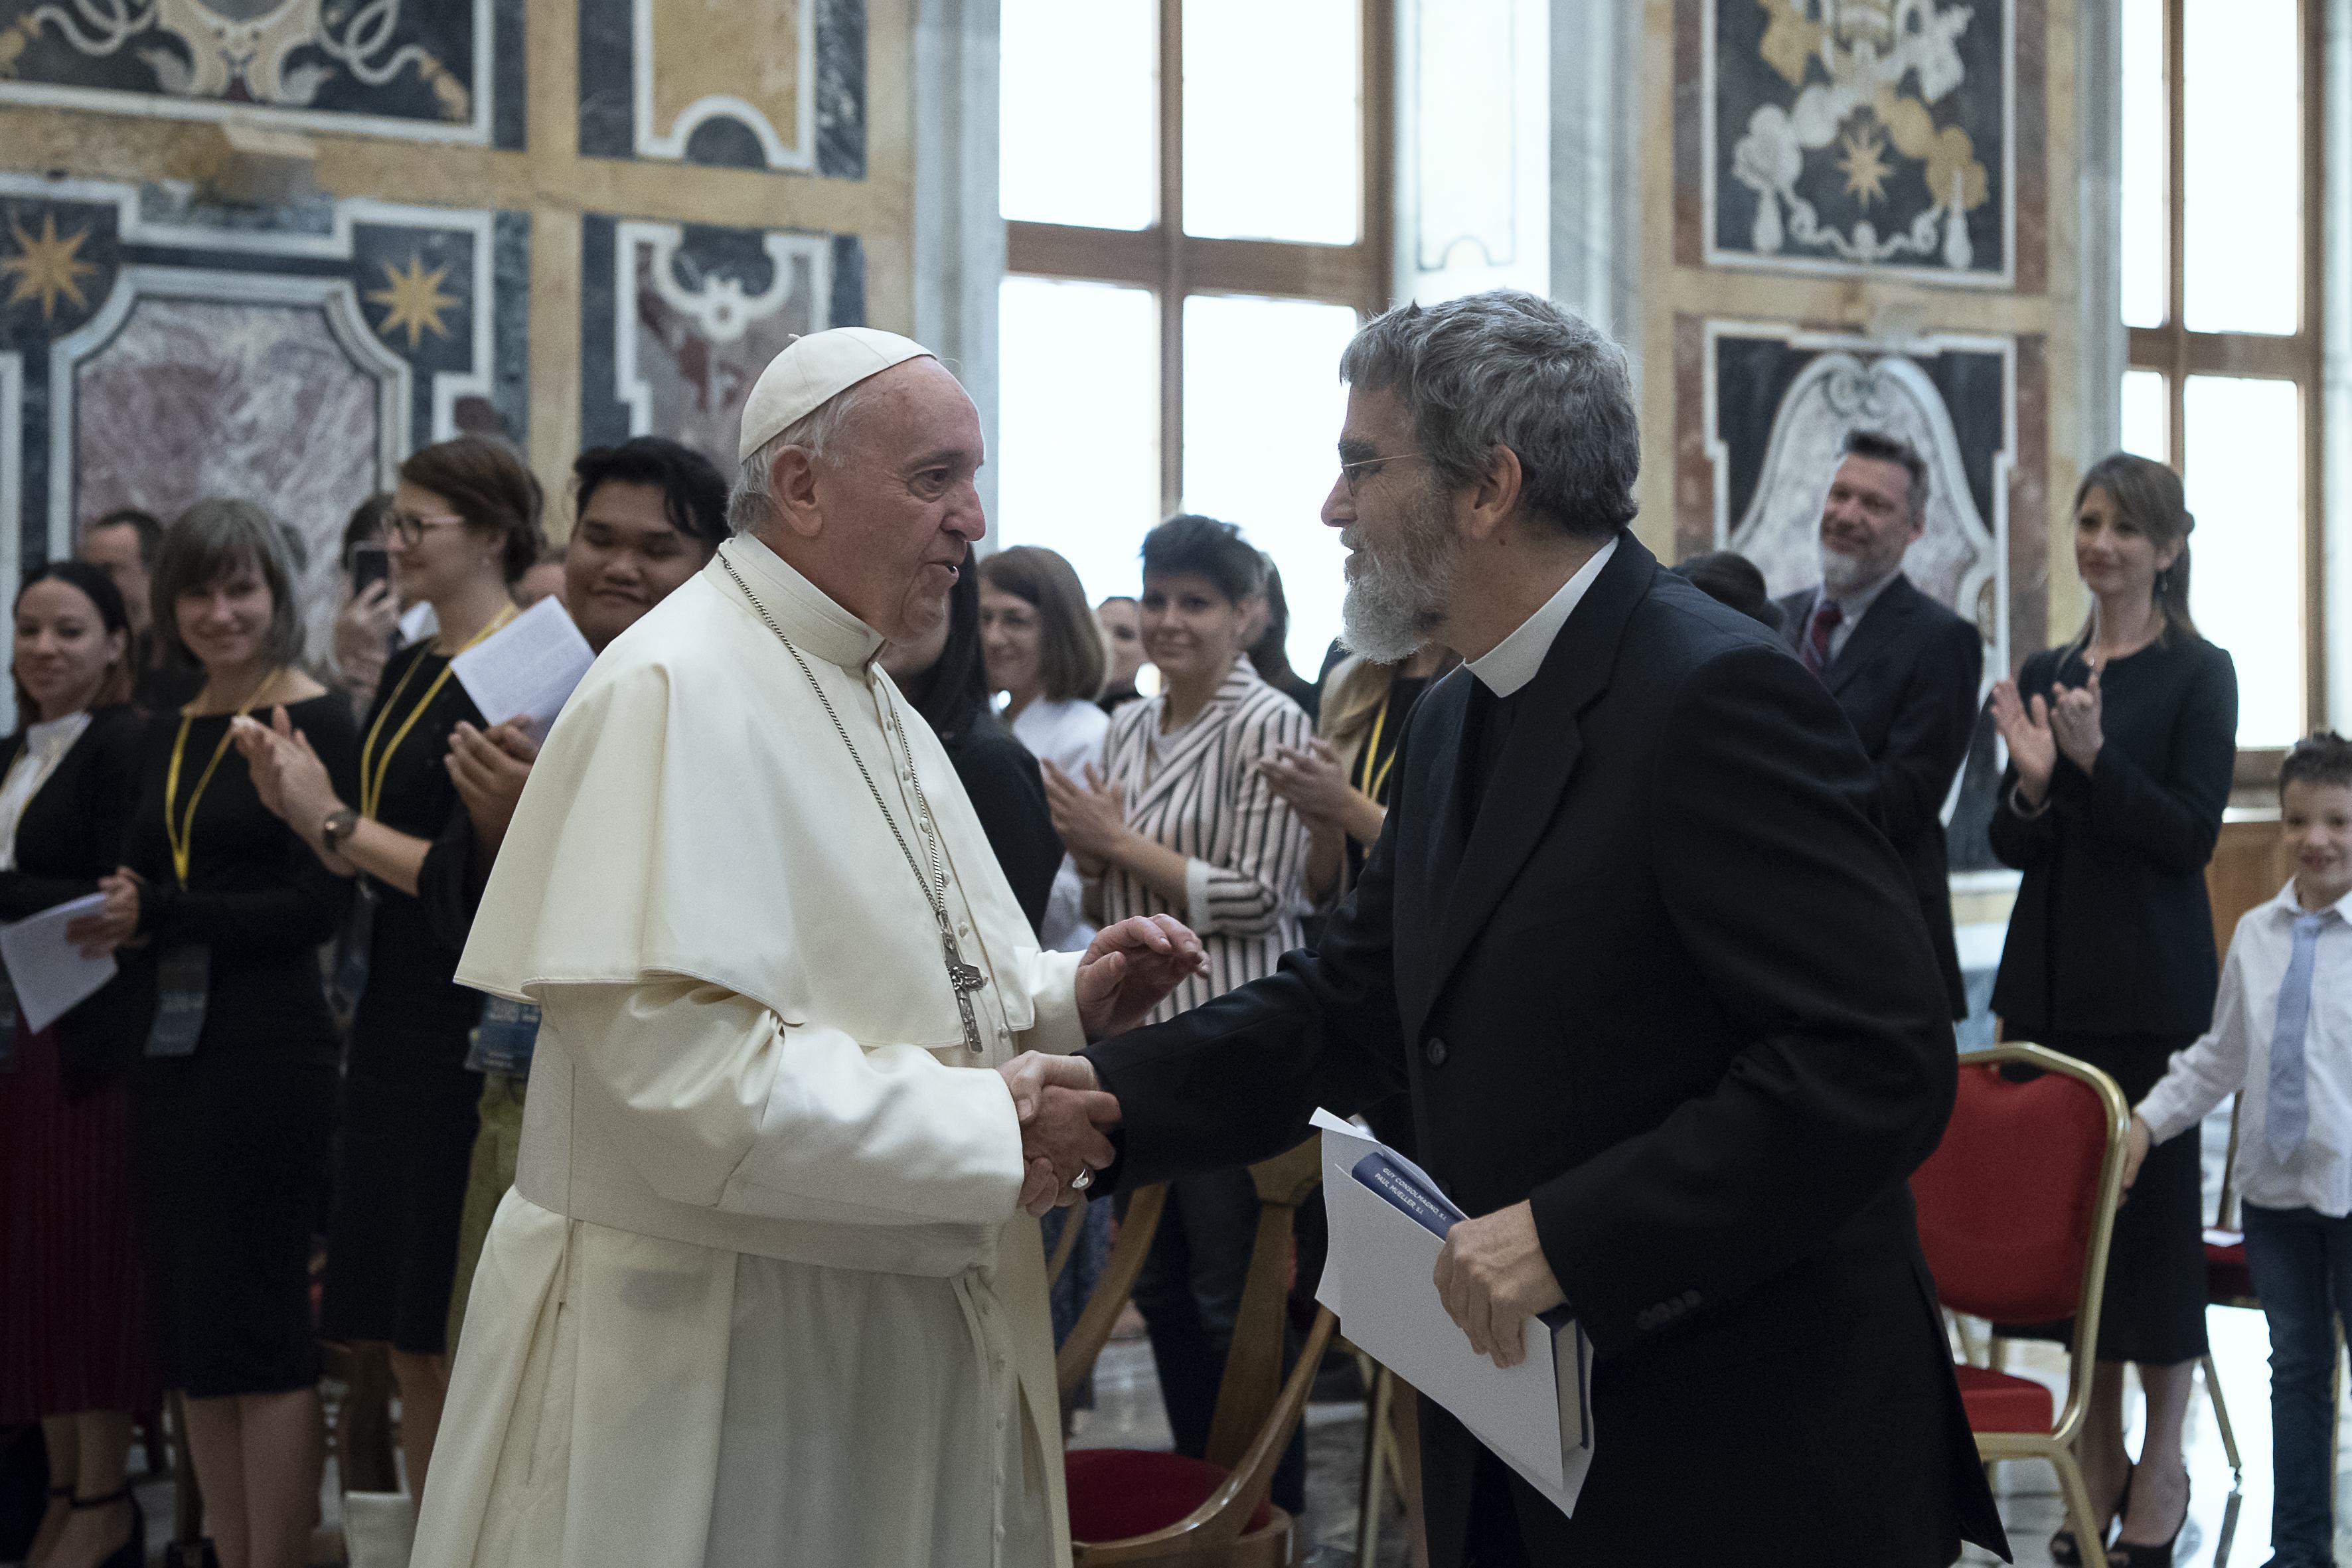 Cours d'été d'astrophysique, Observatoire du Vatican 14/6/2018 © Vatican News